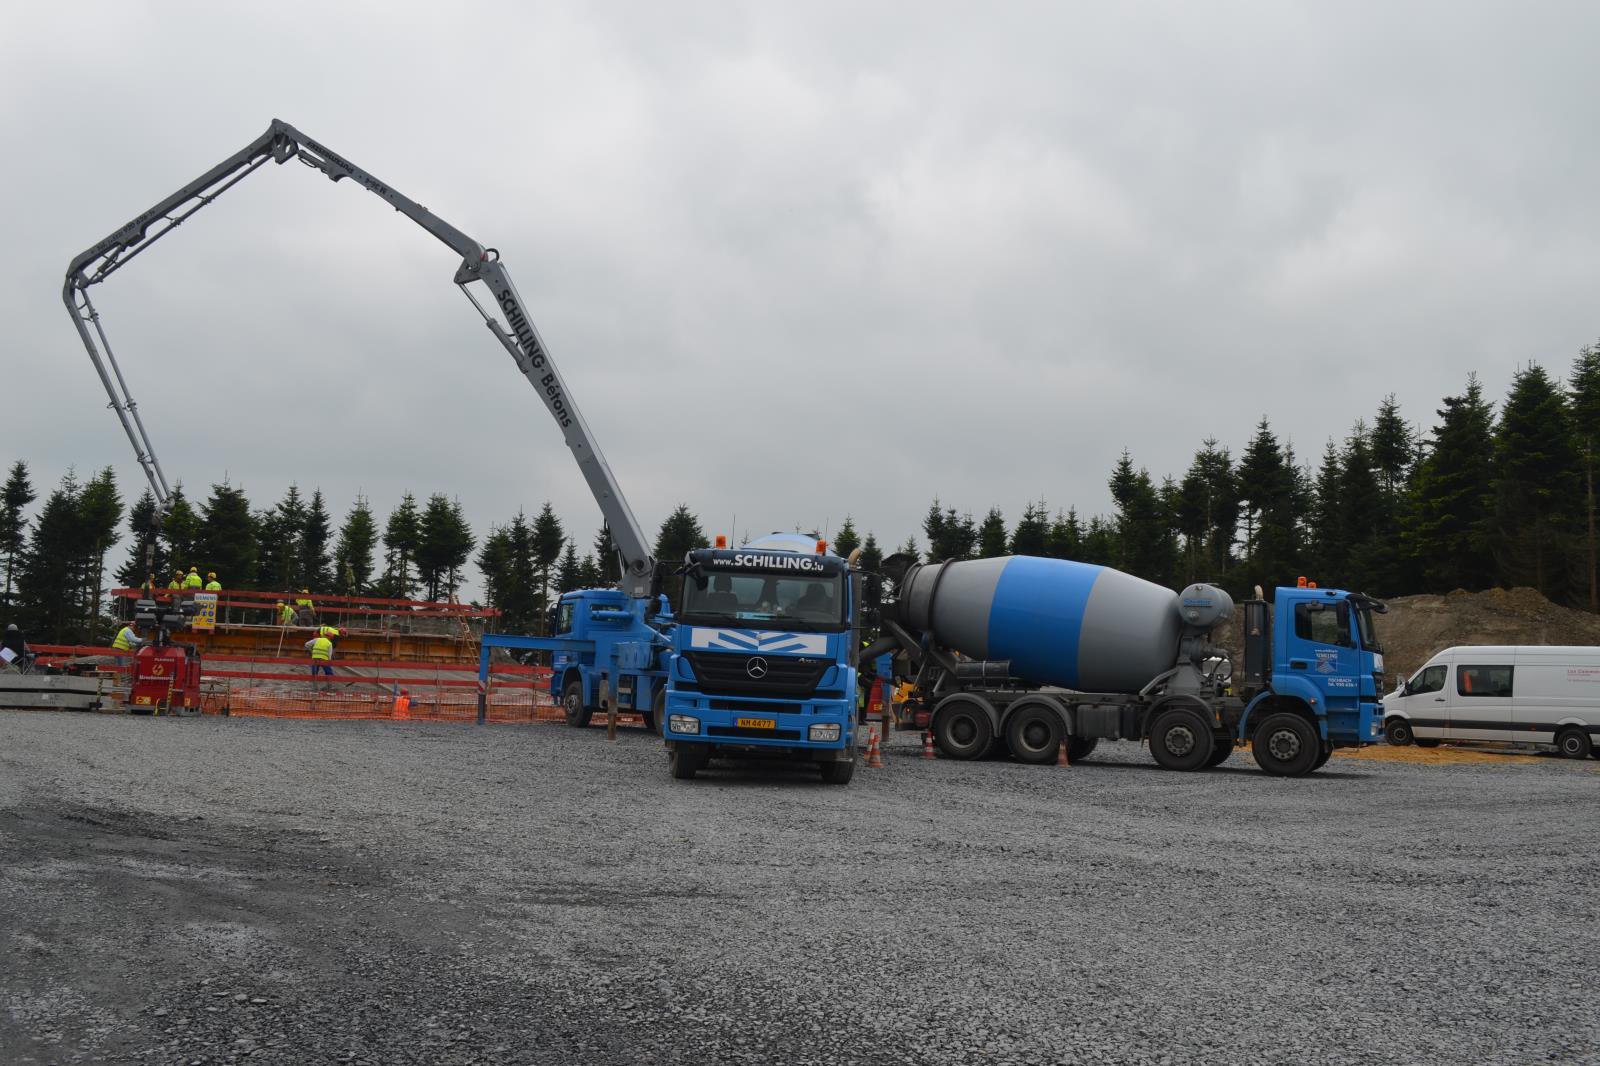 Schilling s rl entreprise de construction building for Entreprise de construction